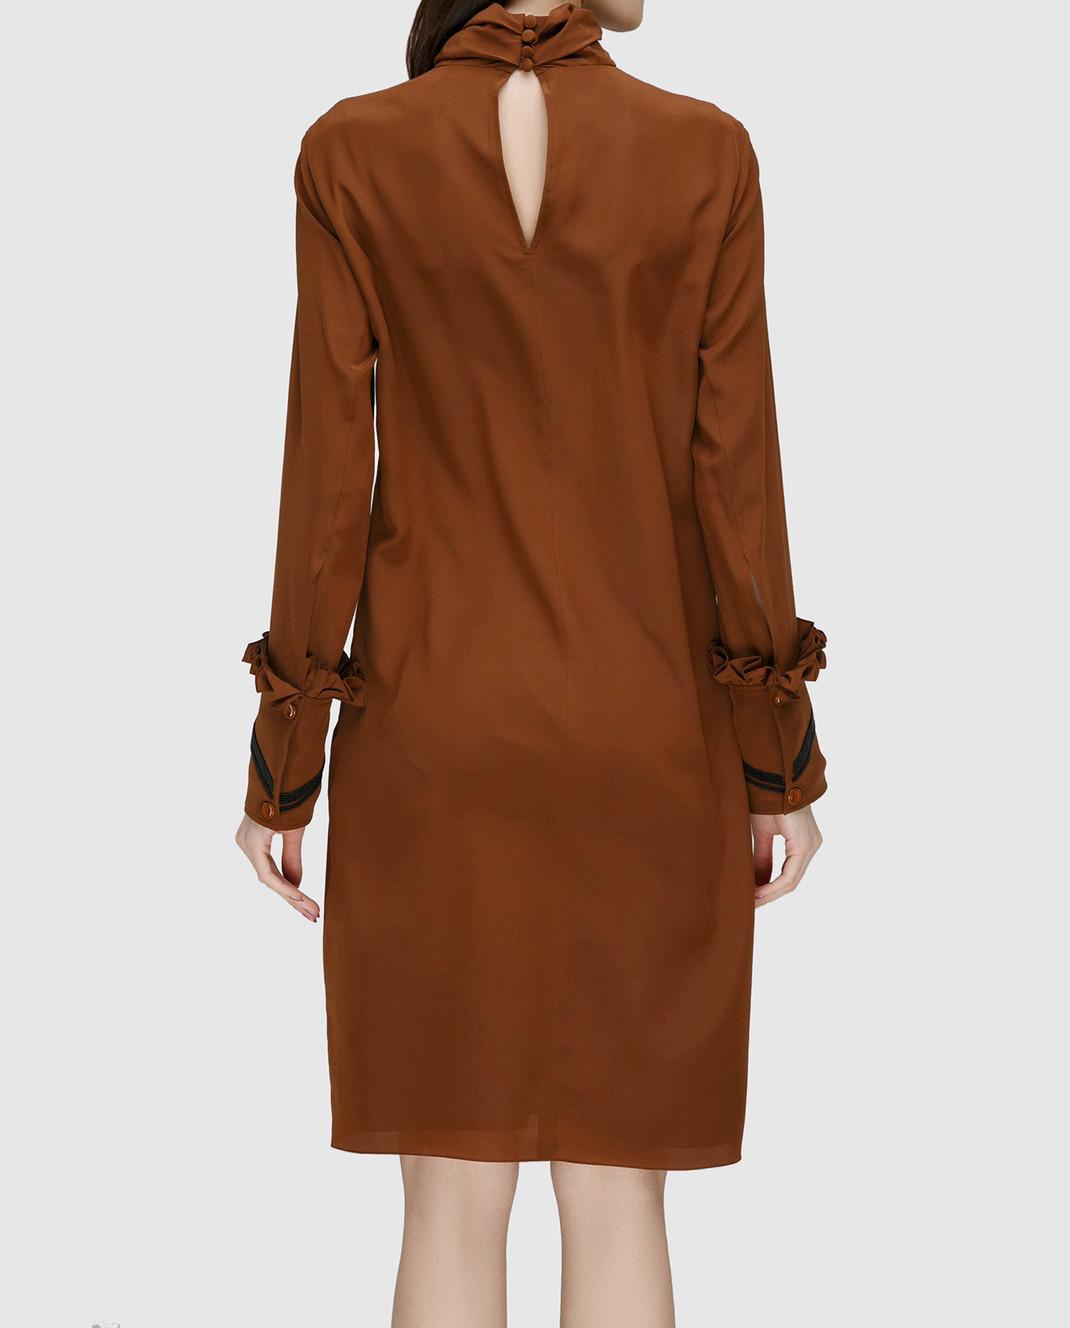 NINA RICCI Терракотовое платье из шелка 17PCRO040SE0801 изображение 4